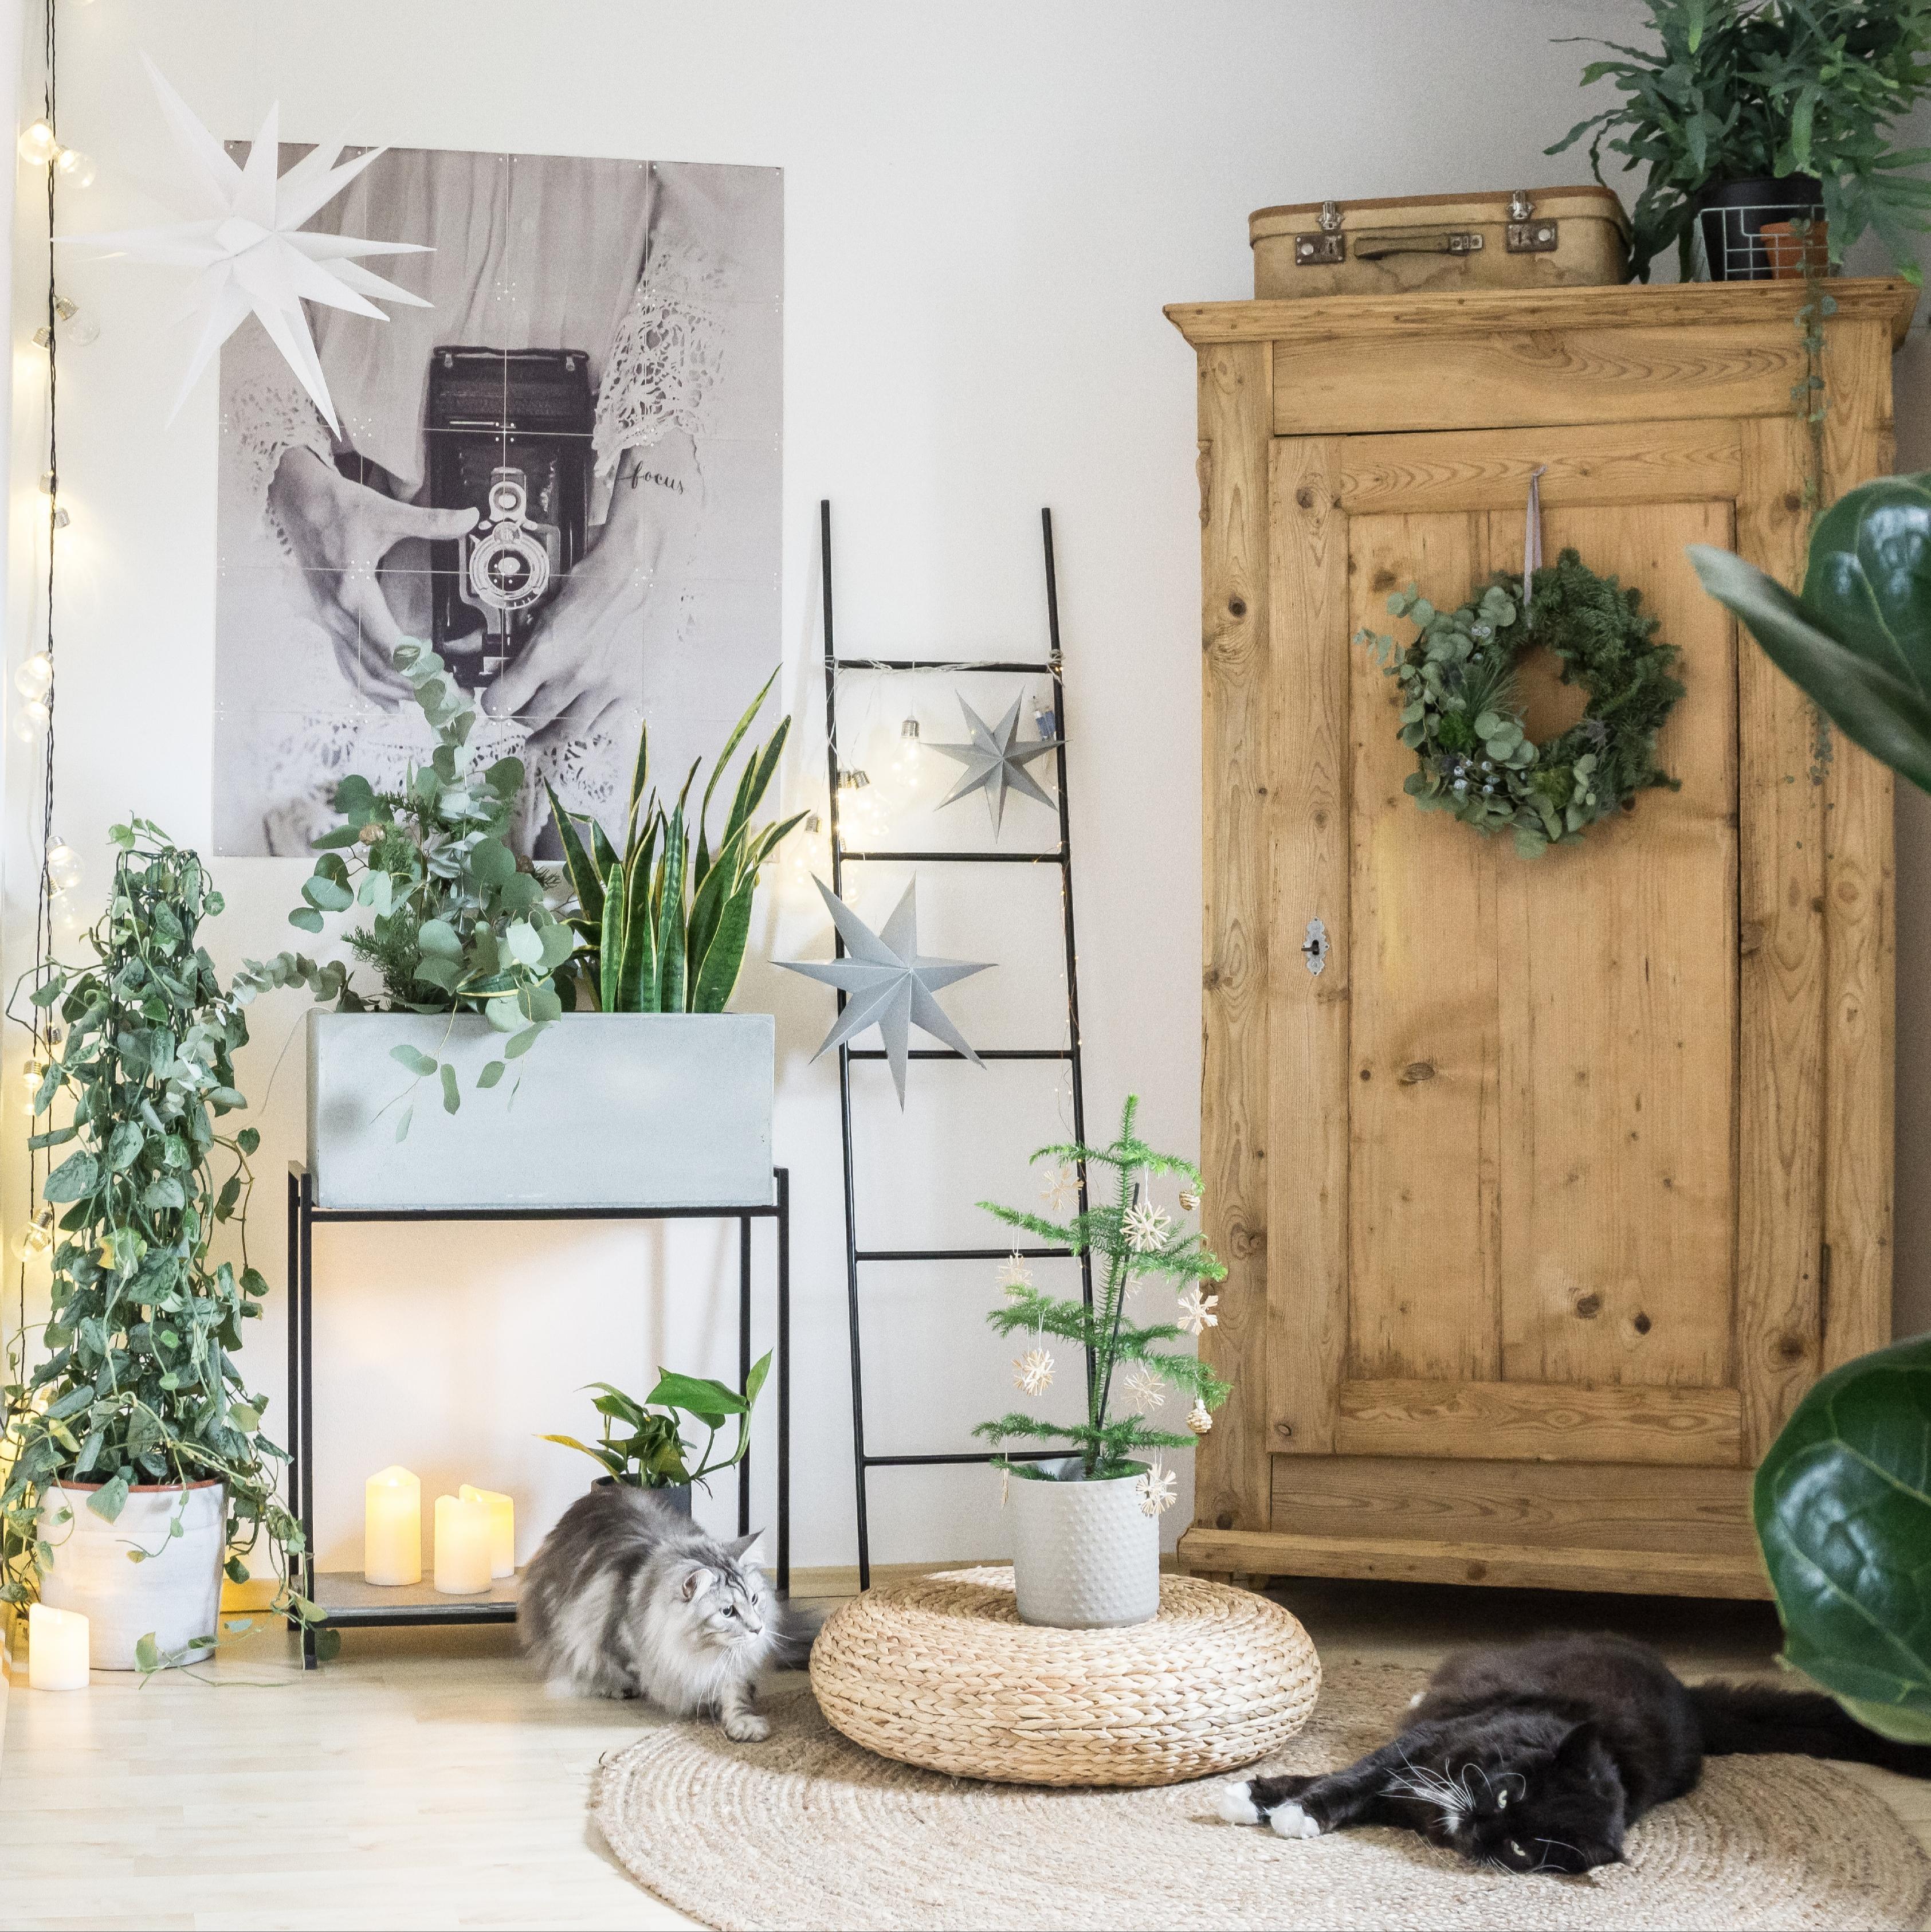 Wohnzimmer-Deko-Ideen: Mach Es Dir Gemütlich